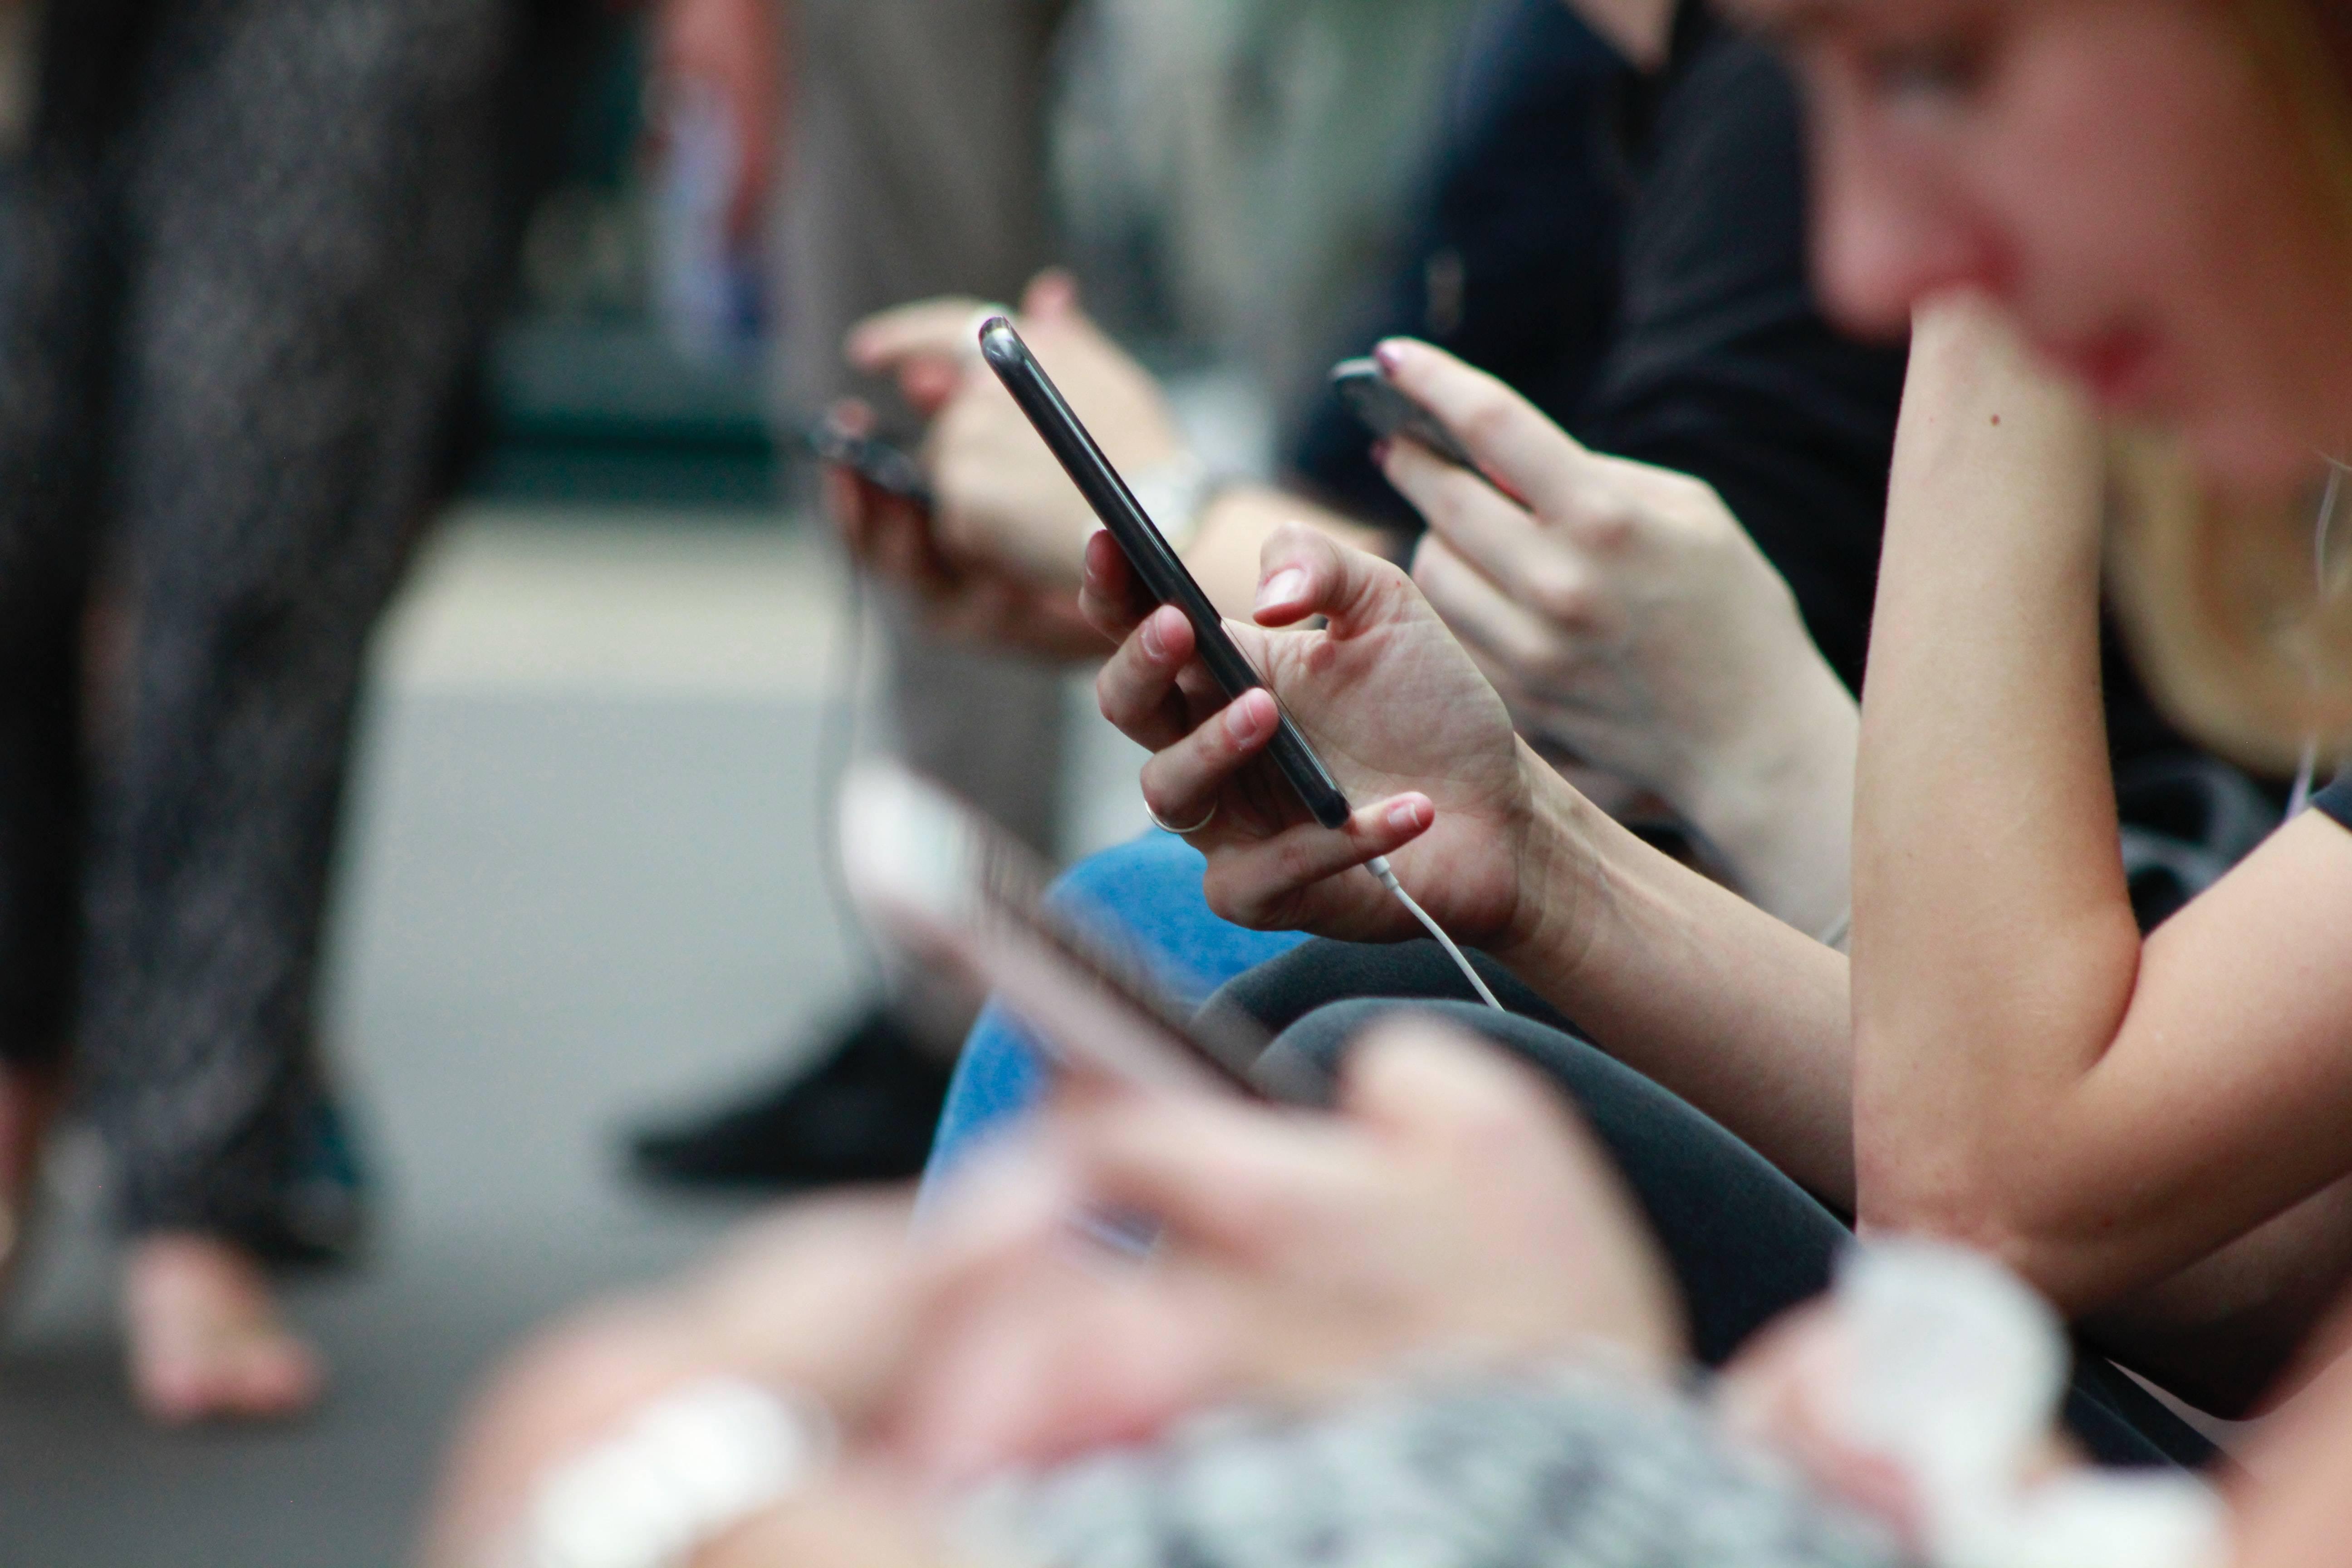 麒麟芯片将成绝唱,华为Mate30 Pro等手机普遍涨价